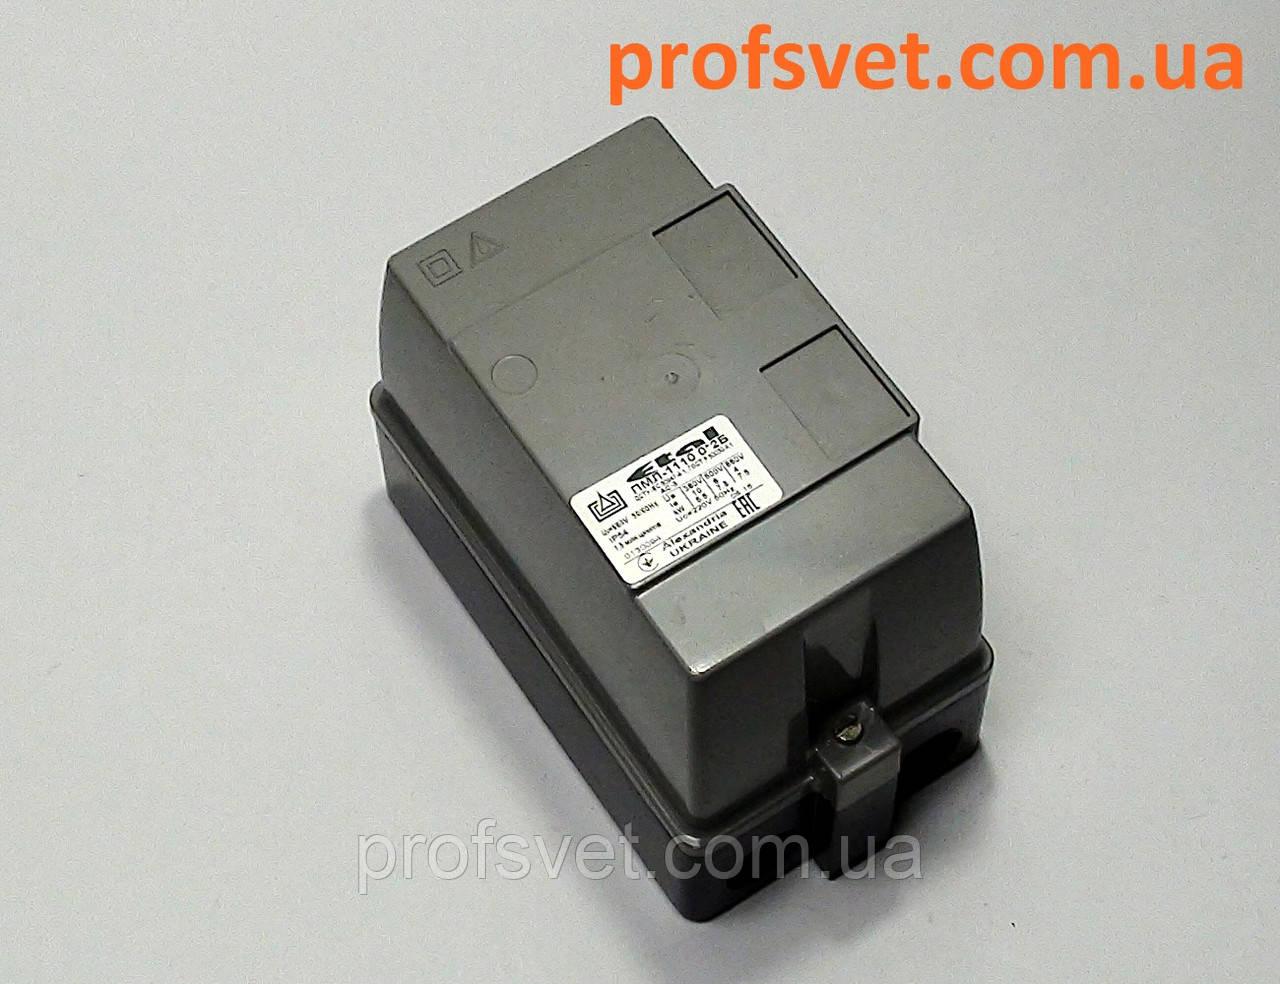 Пускатель ПМЛ-1140 10а IP-40 без теплового реле